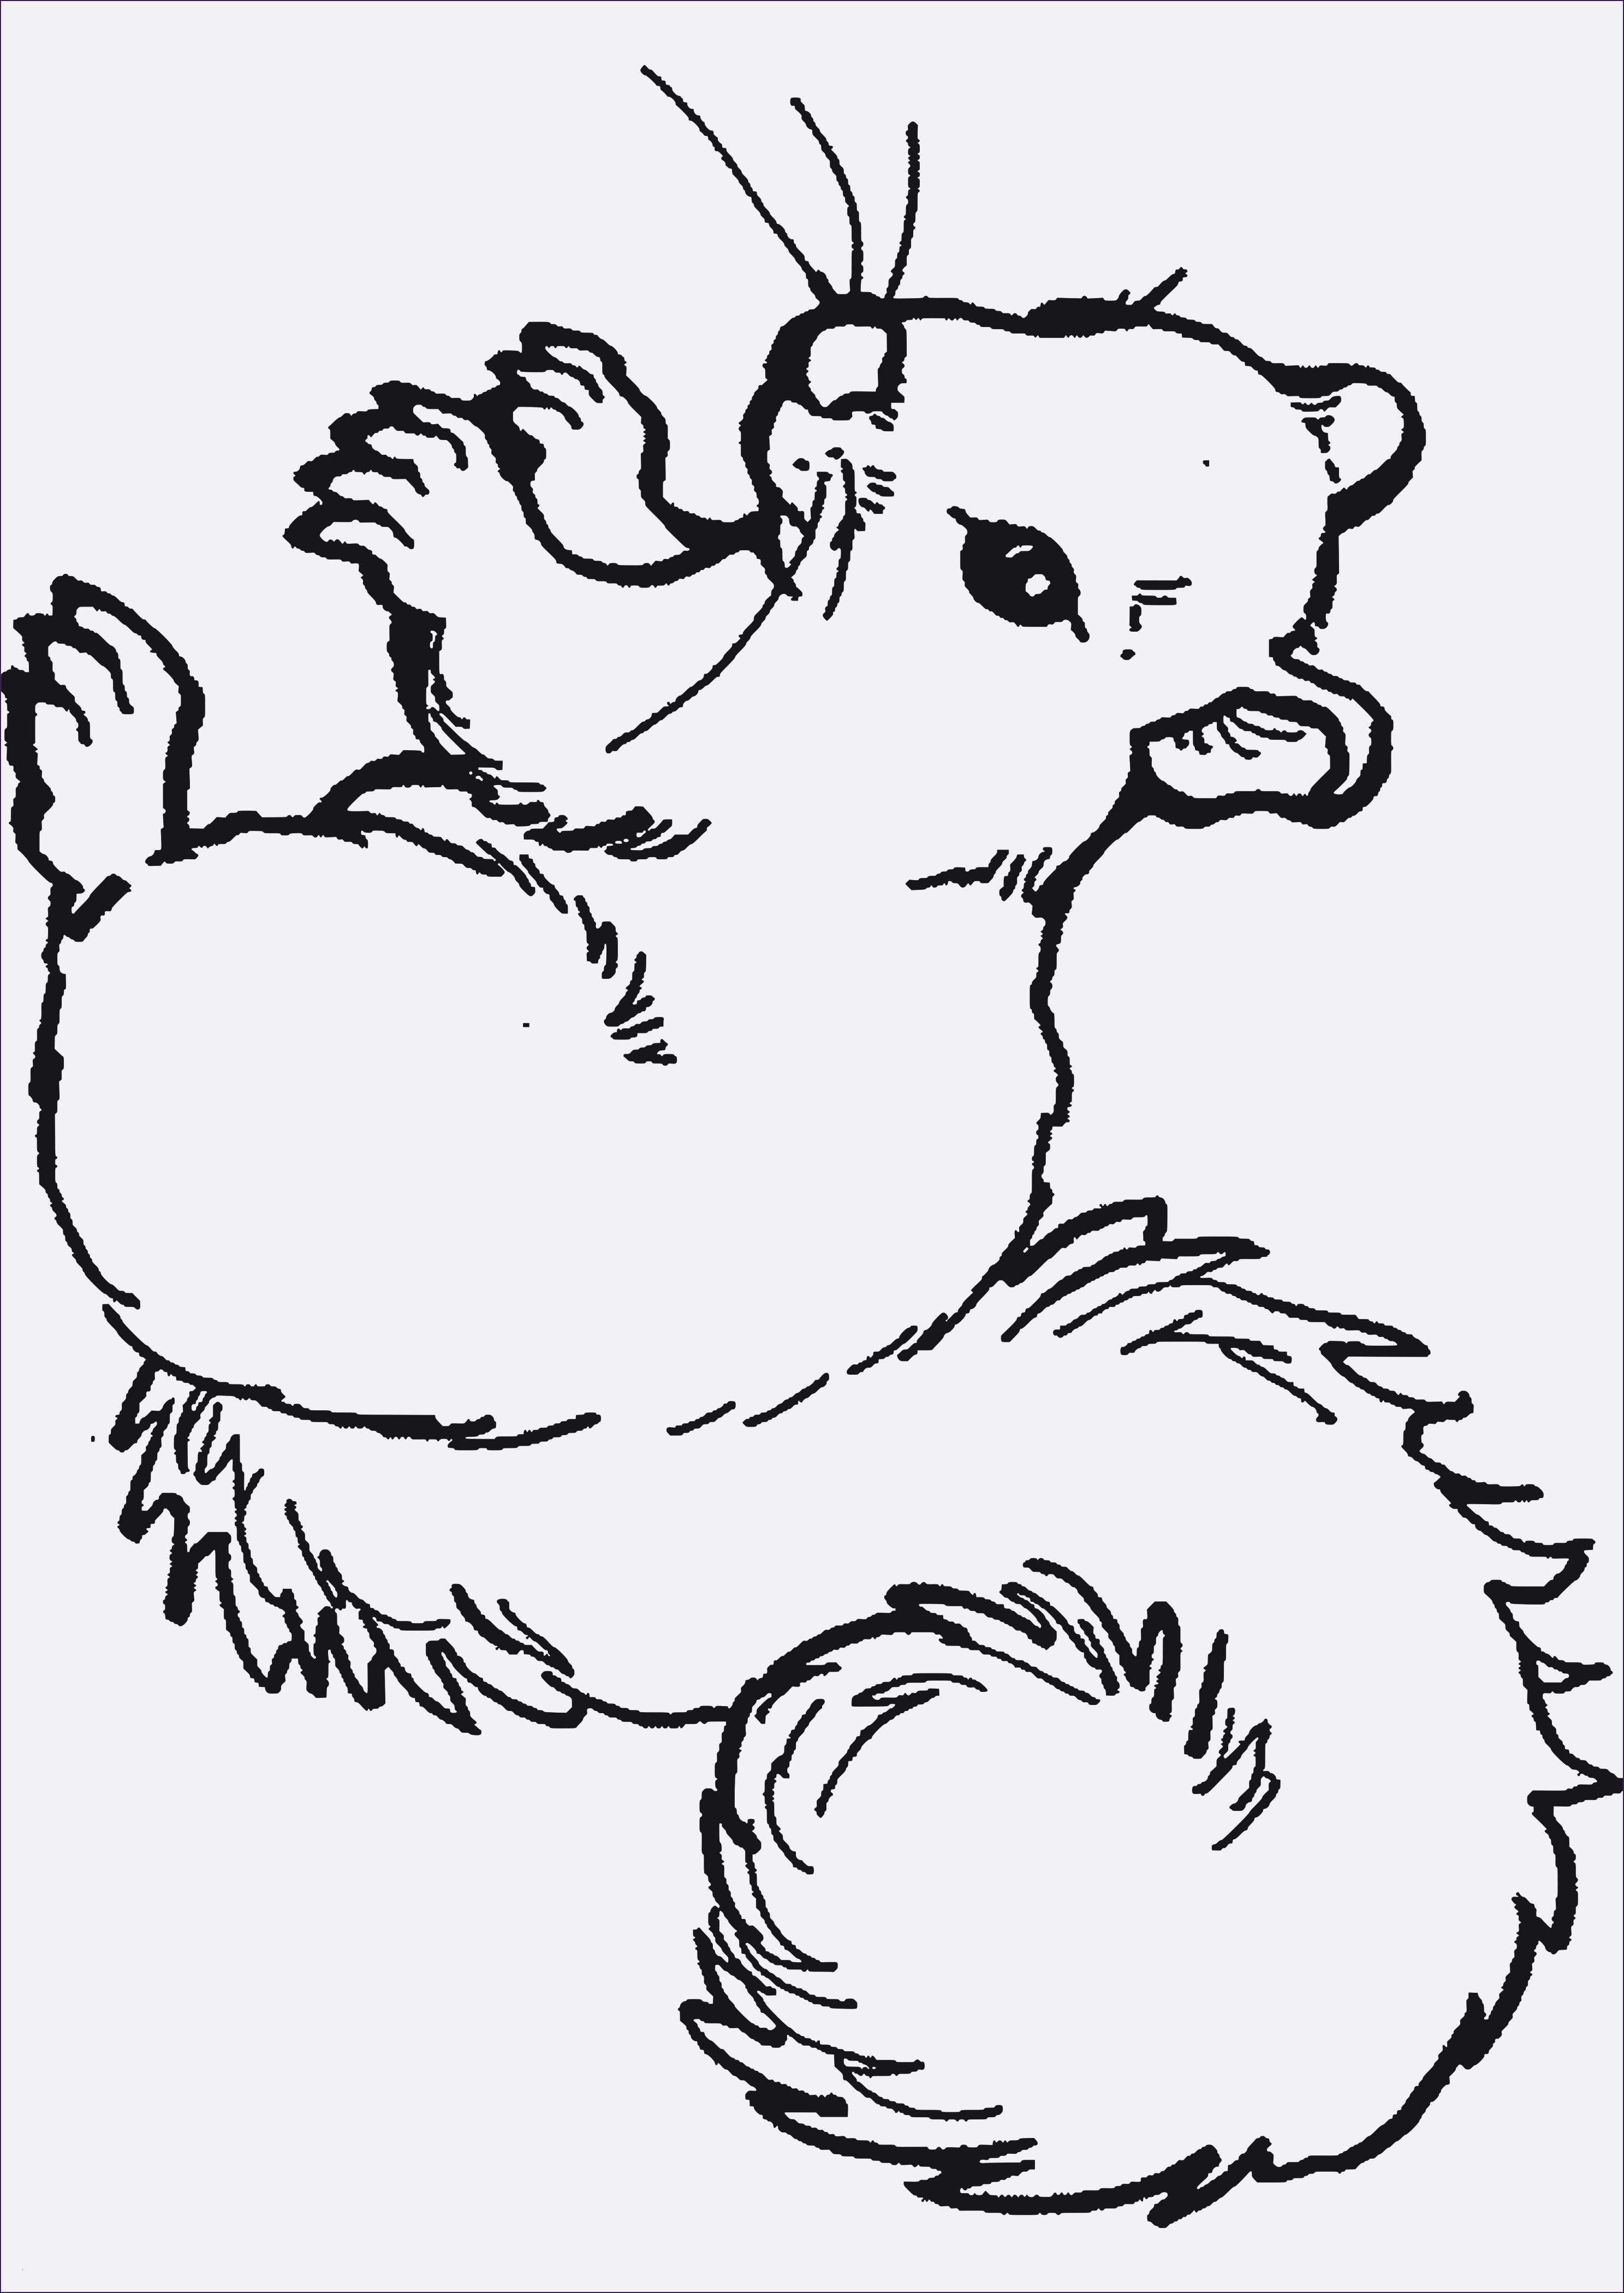 Minni Maus Zum Ausmalen Genial Minnie Mouse Malvorlage Bild 37 Ausmalbilder Minni Maus Sammlung